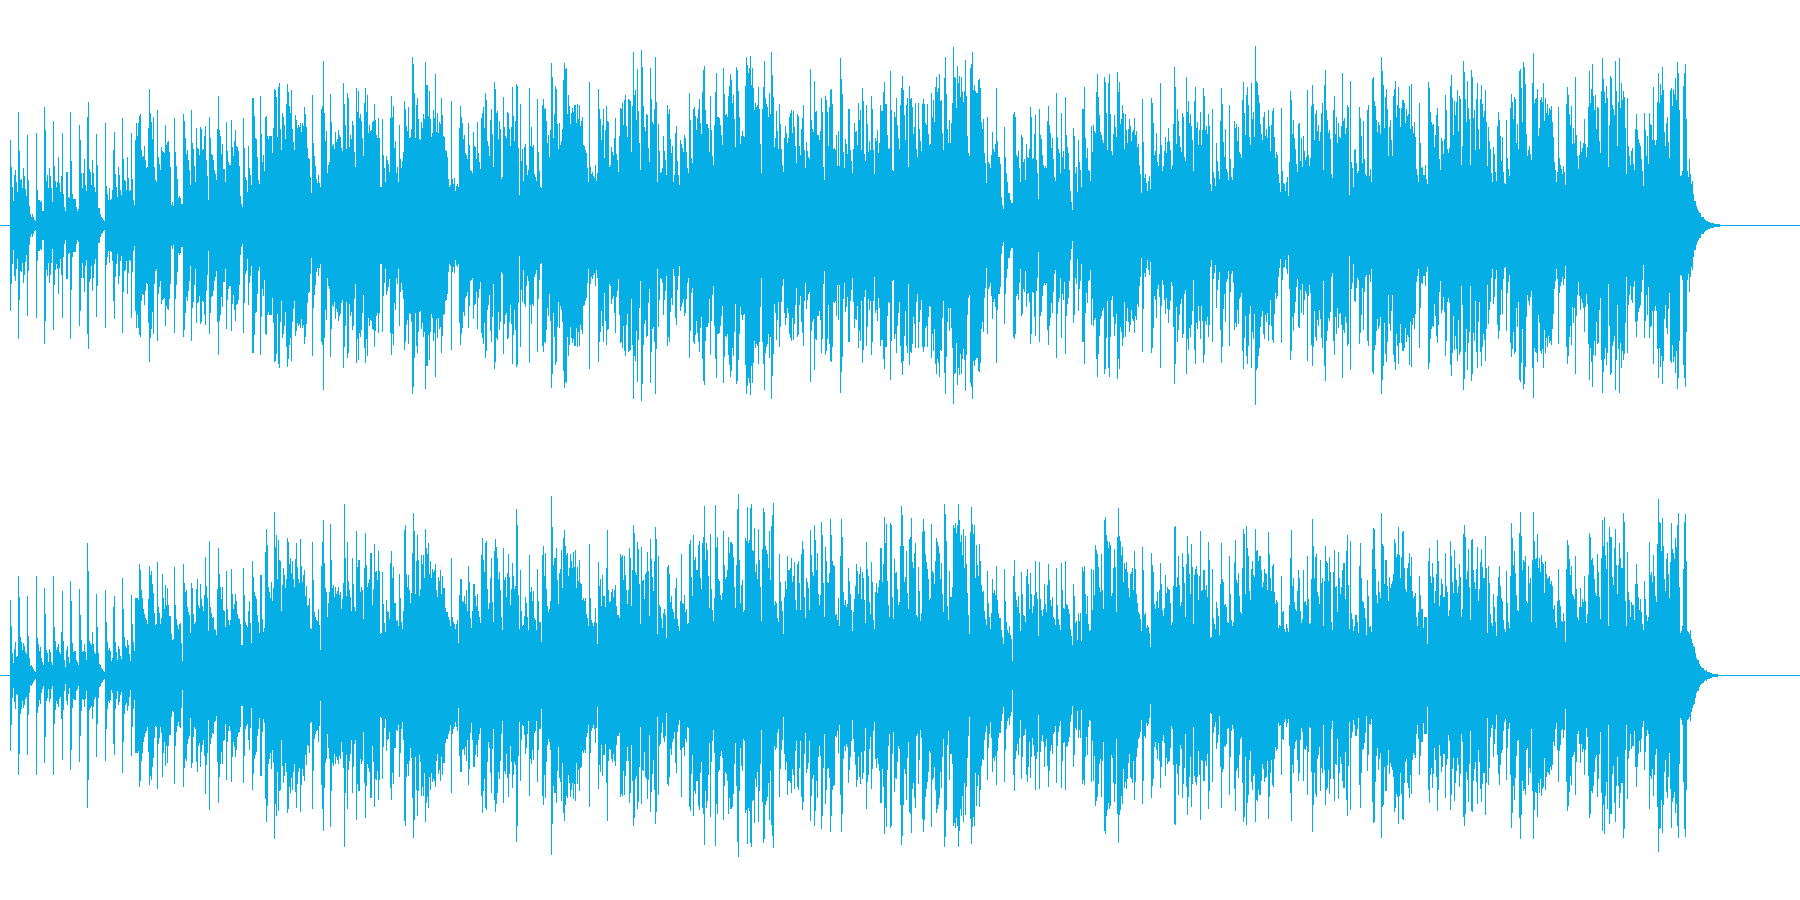 アメリカナイズされたファンキーなポップスの再生済みの波形